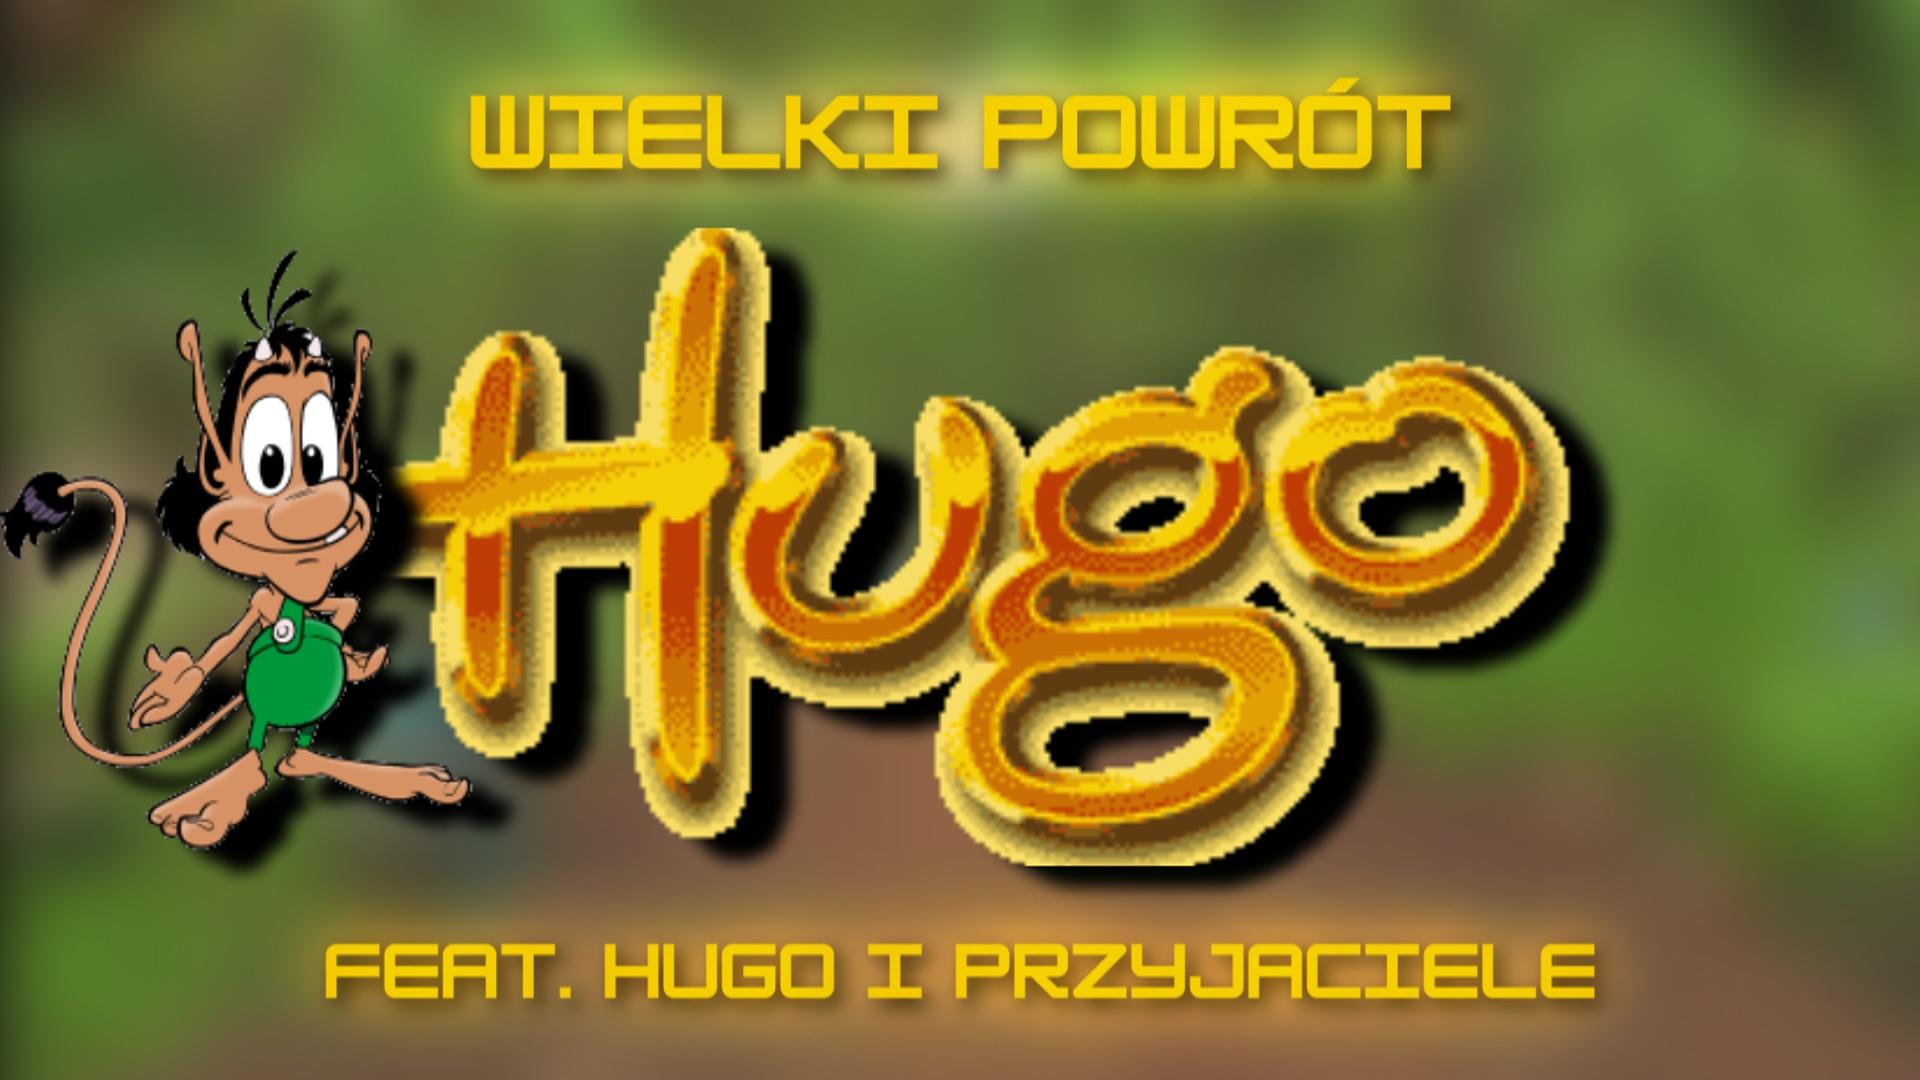 Hugo zaliczył ostatnią emisję w 2009 roku. Czy jest jeszcze jakakolwiek szansa na powrót?